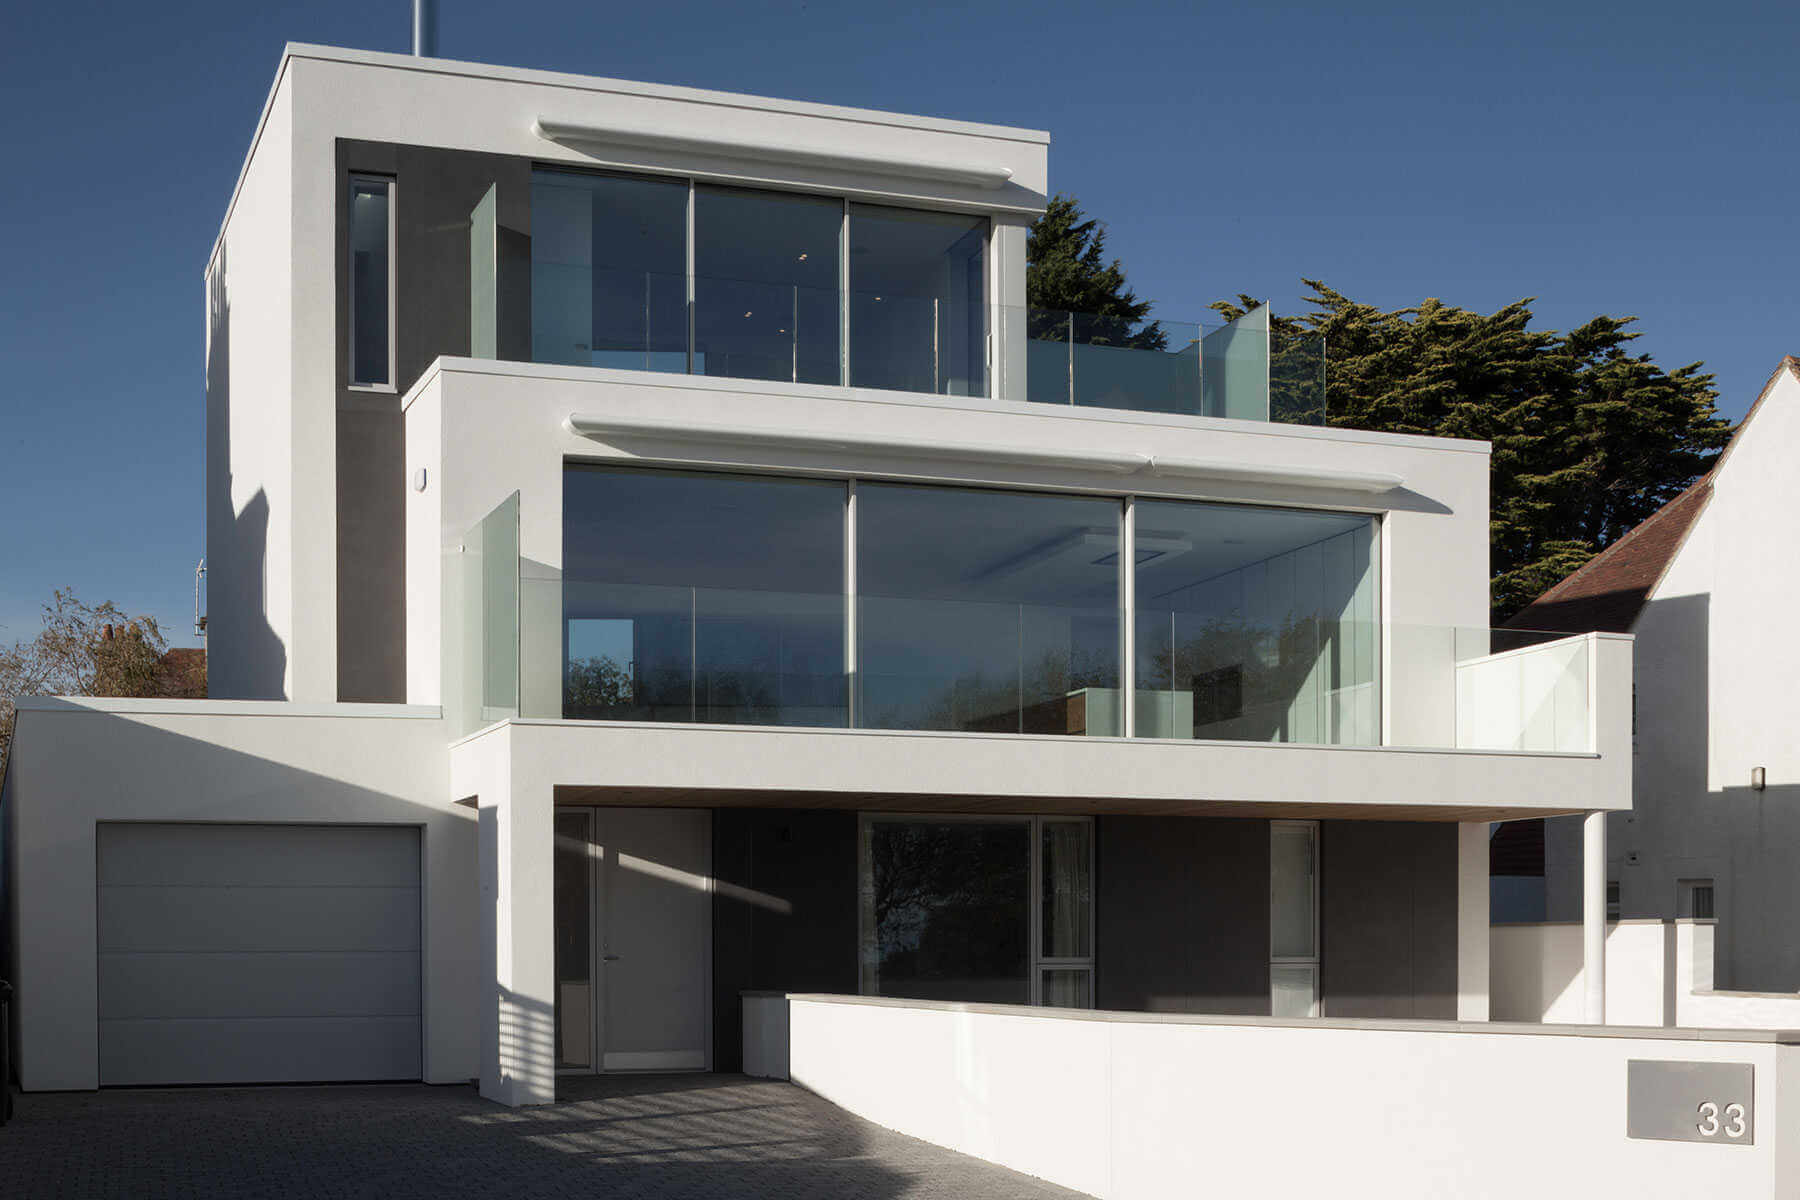 Fachadas De Casas Minimalistas Con Porcel Nico Extrafino | Vivienda Unifamiliar Reino Unido